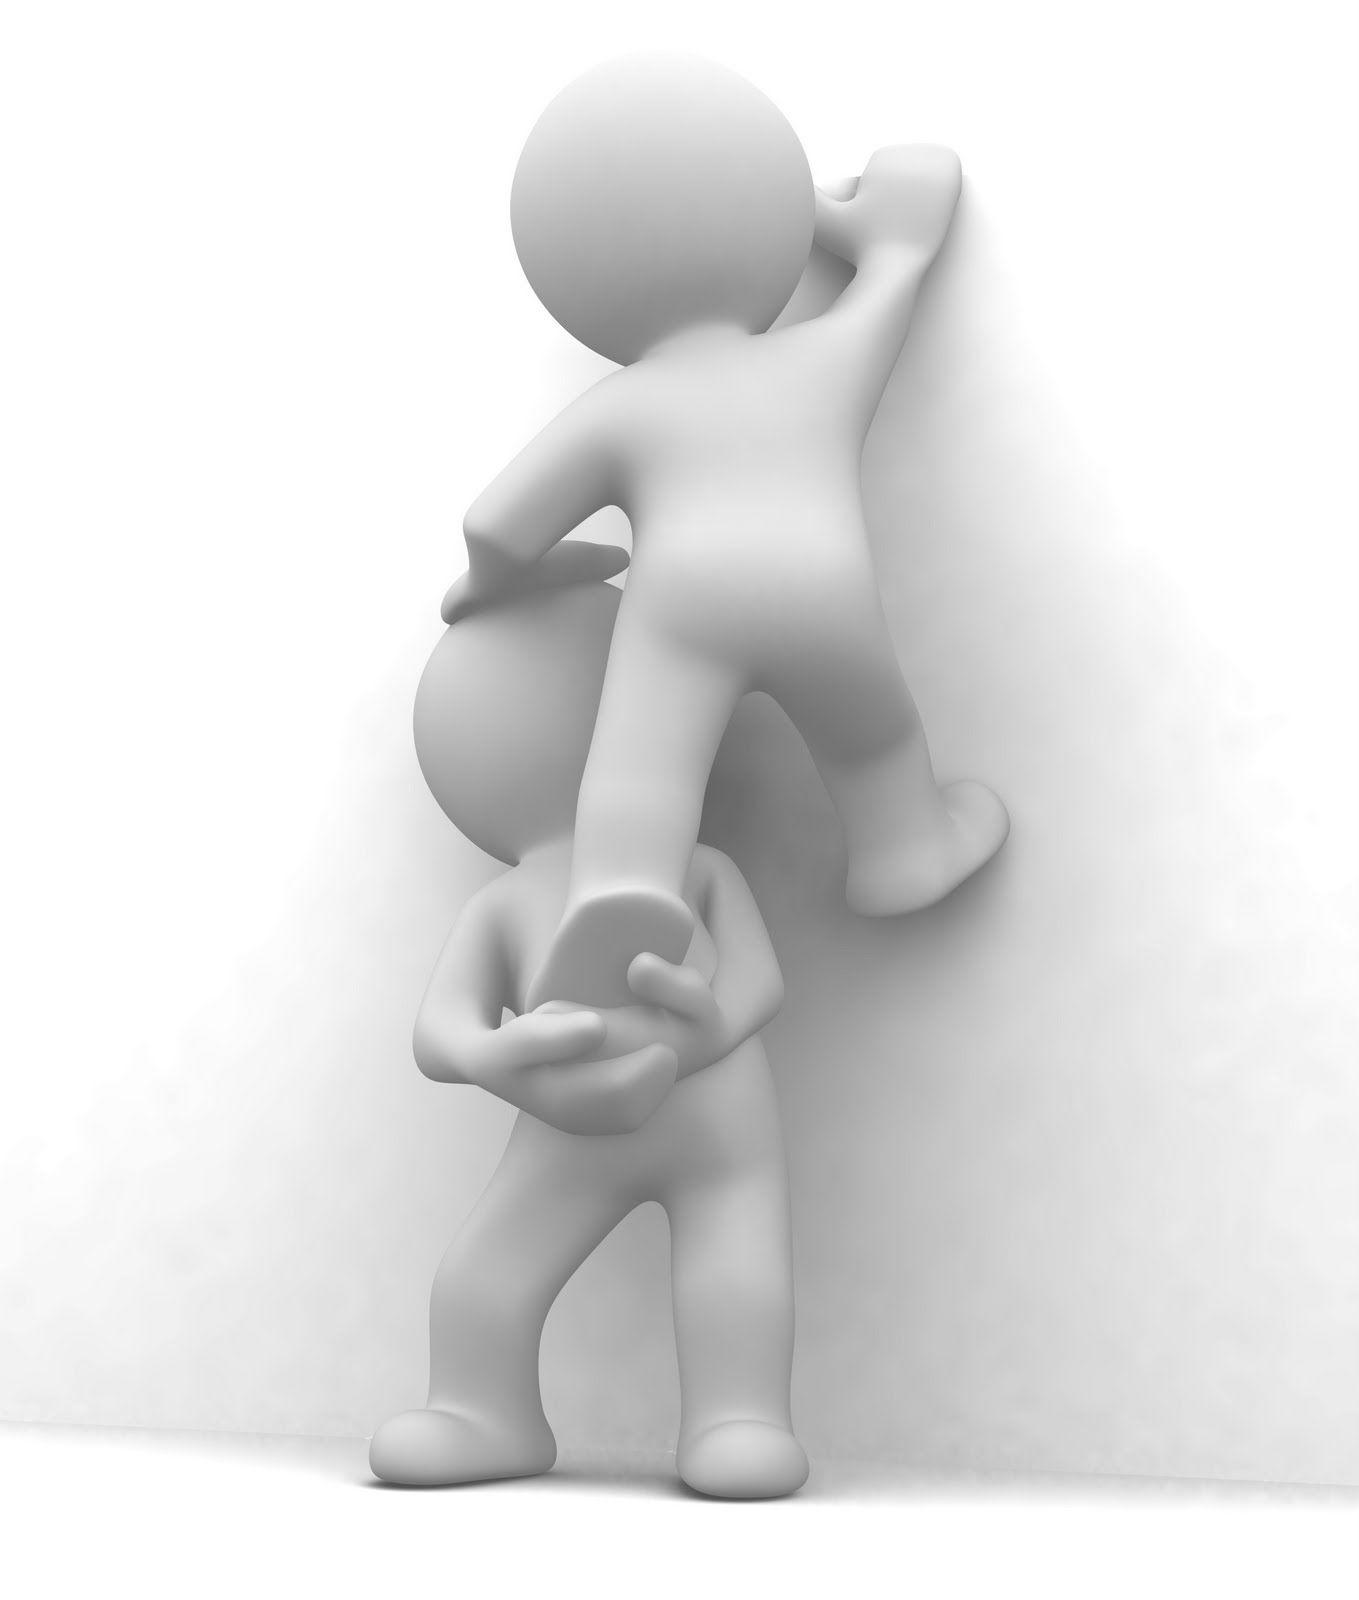 Ayudar A Otras Personas Buscar Con Google Liderazgo Personal Liderazgo Cristiano Liderazgo